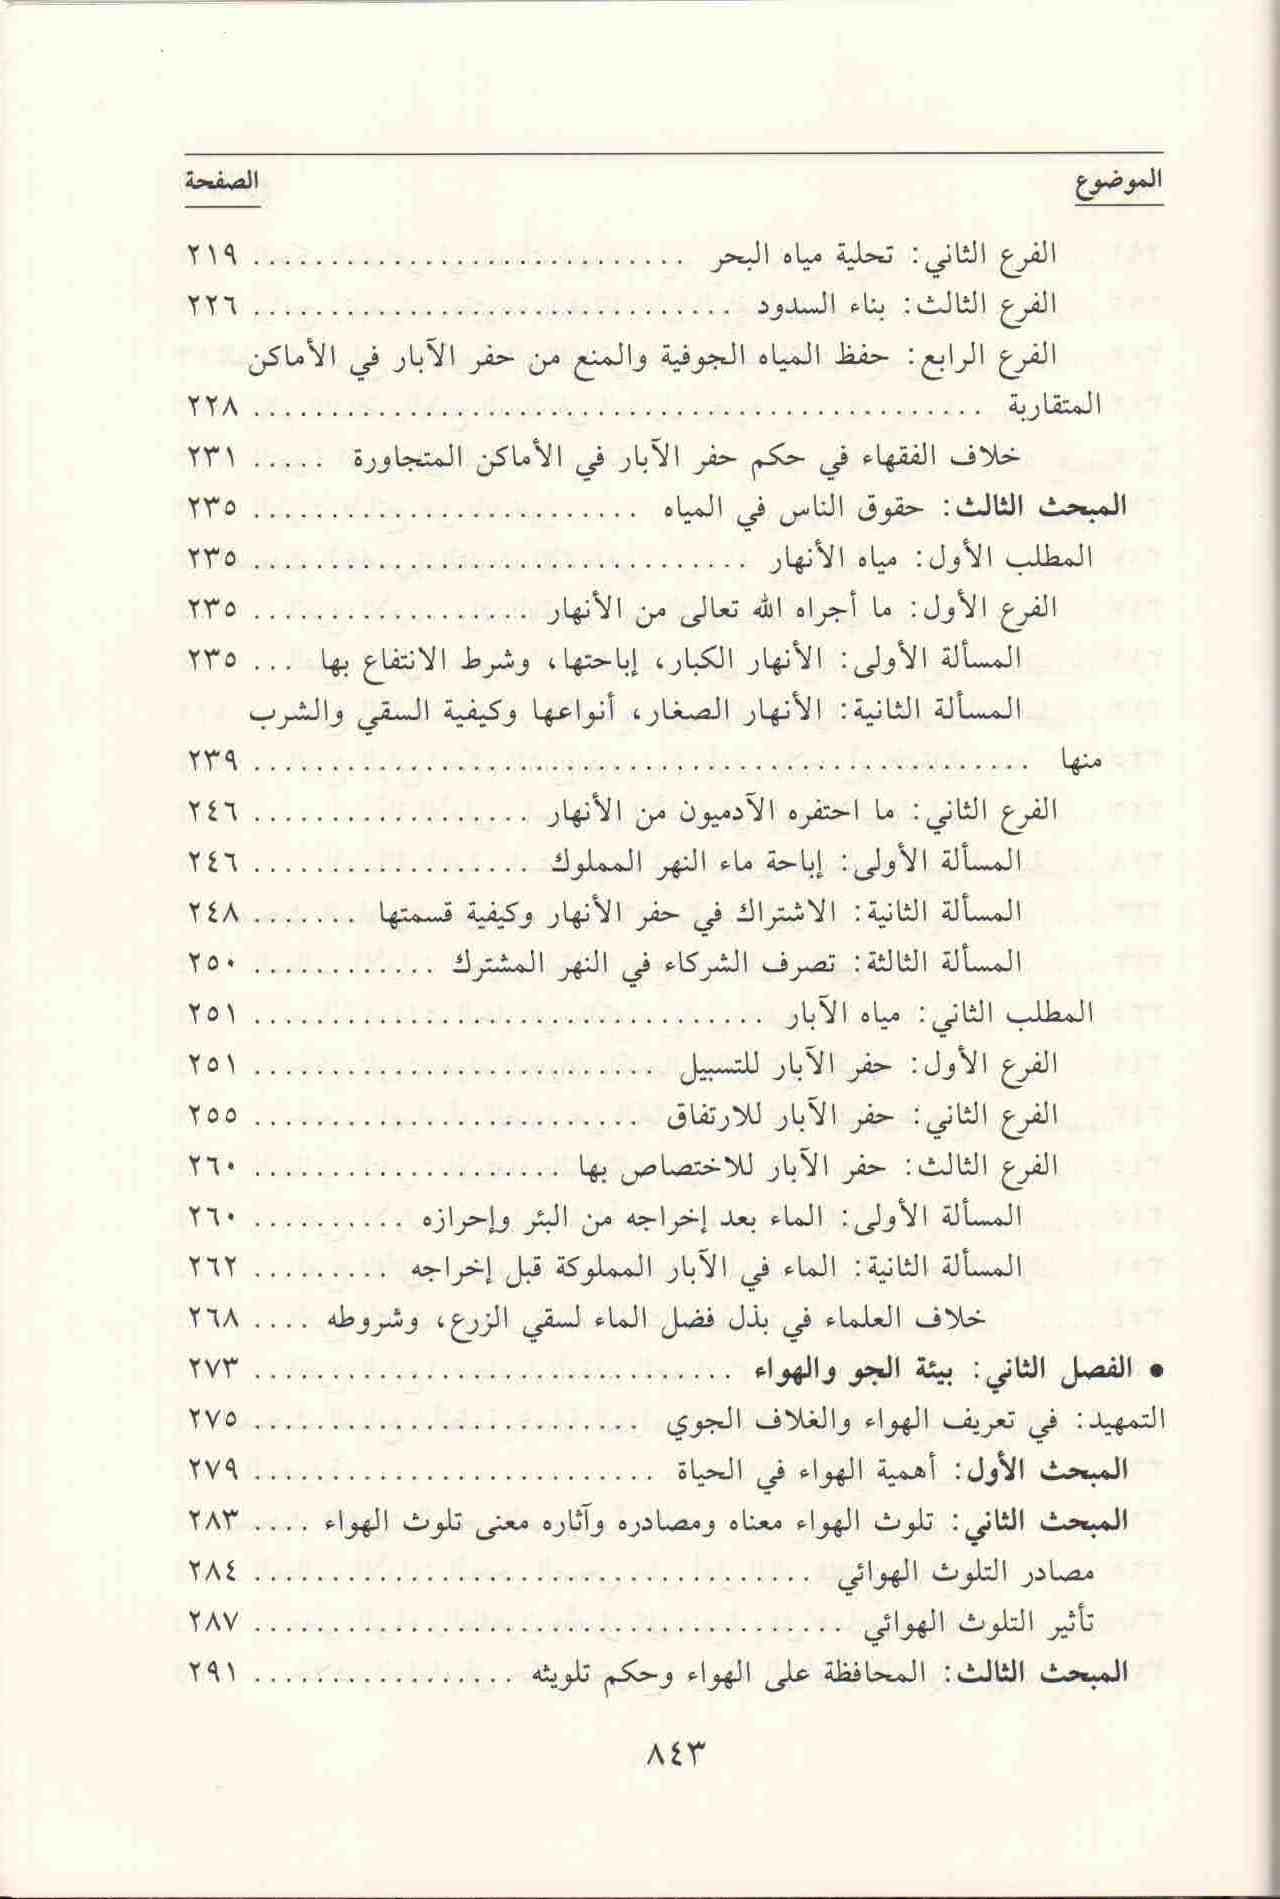 ص 843 محتويات كتاب أحكام البيئة